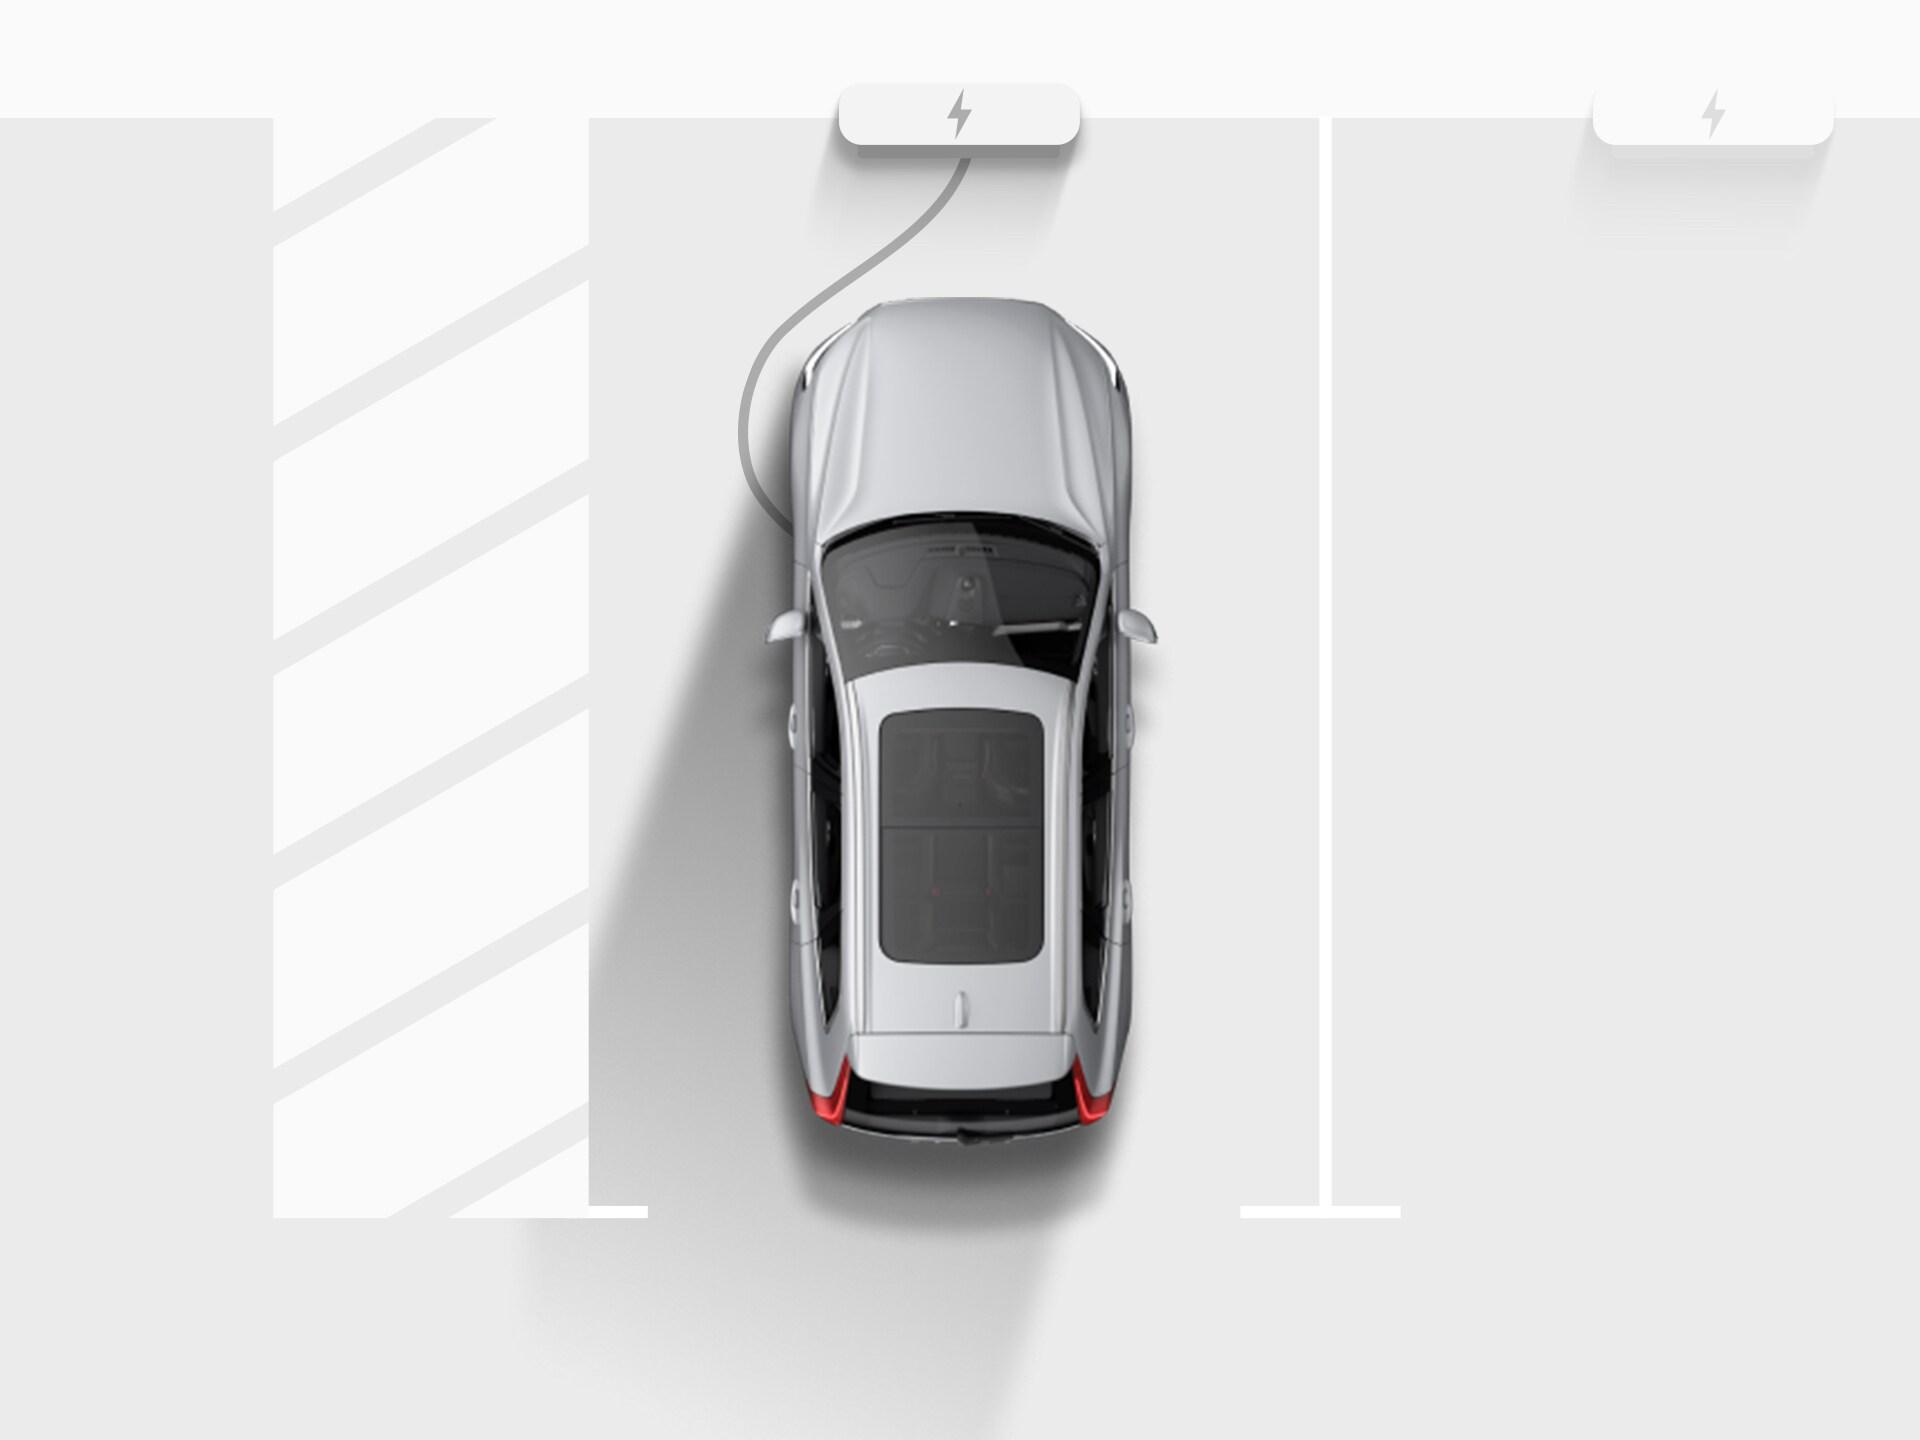 Vue aérienne du dessin numérique d'un SUV Volvo XC40 Recharge Pure Electric couleur argent branché à une station de recharge dans le garage d'un immeuble d'habitation.